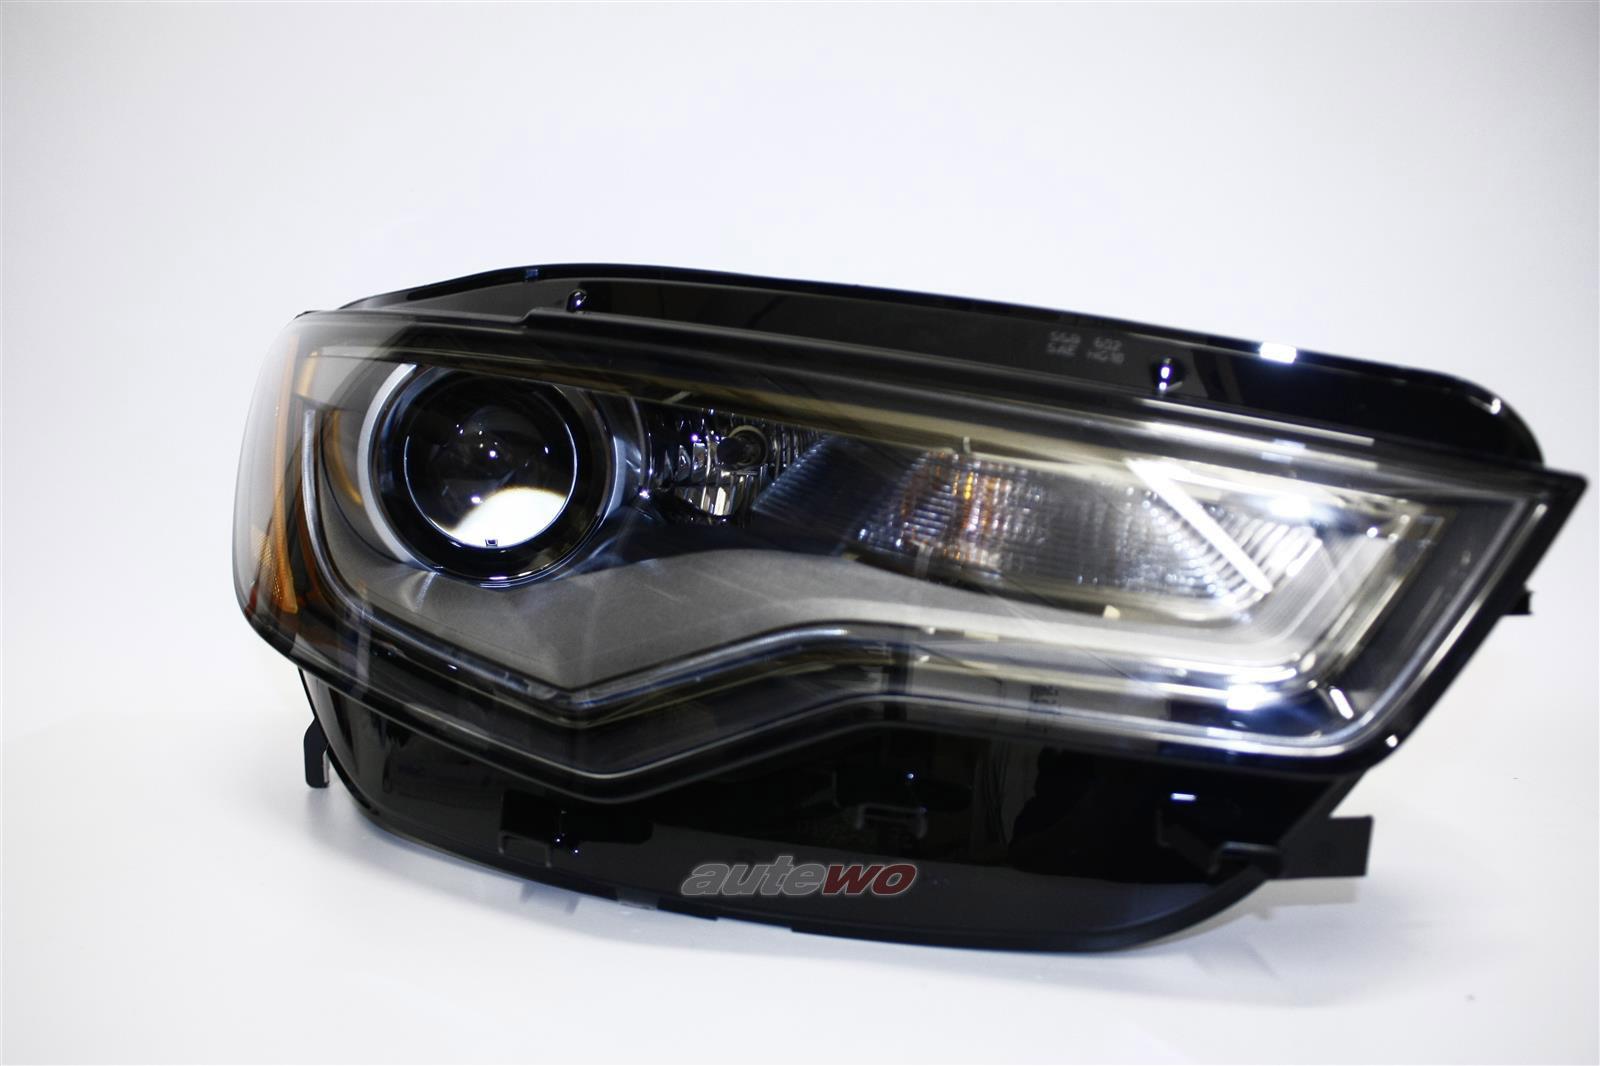 4G0941754A/030H NEU Audi A6 4G Bi-Xenon-Scheinwerfer Rechts